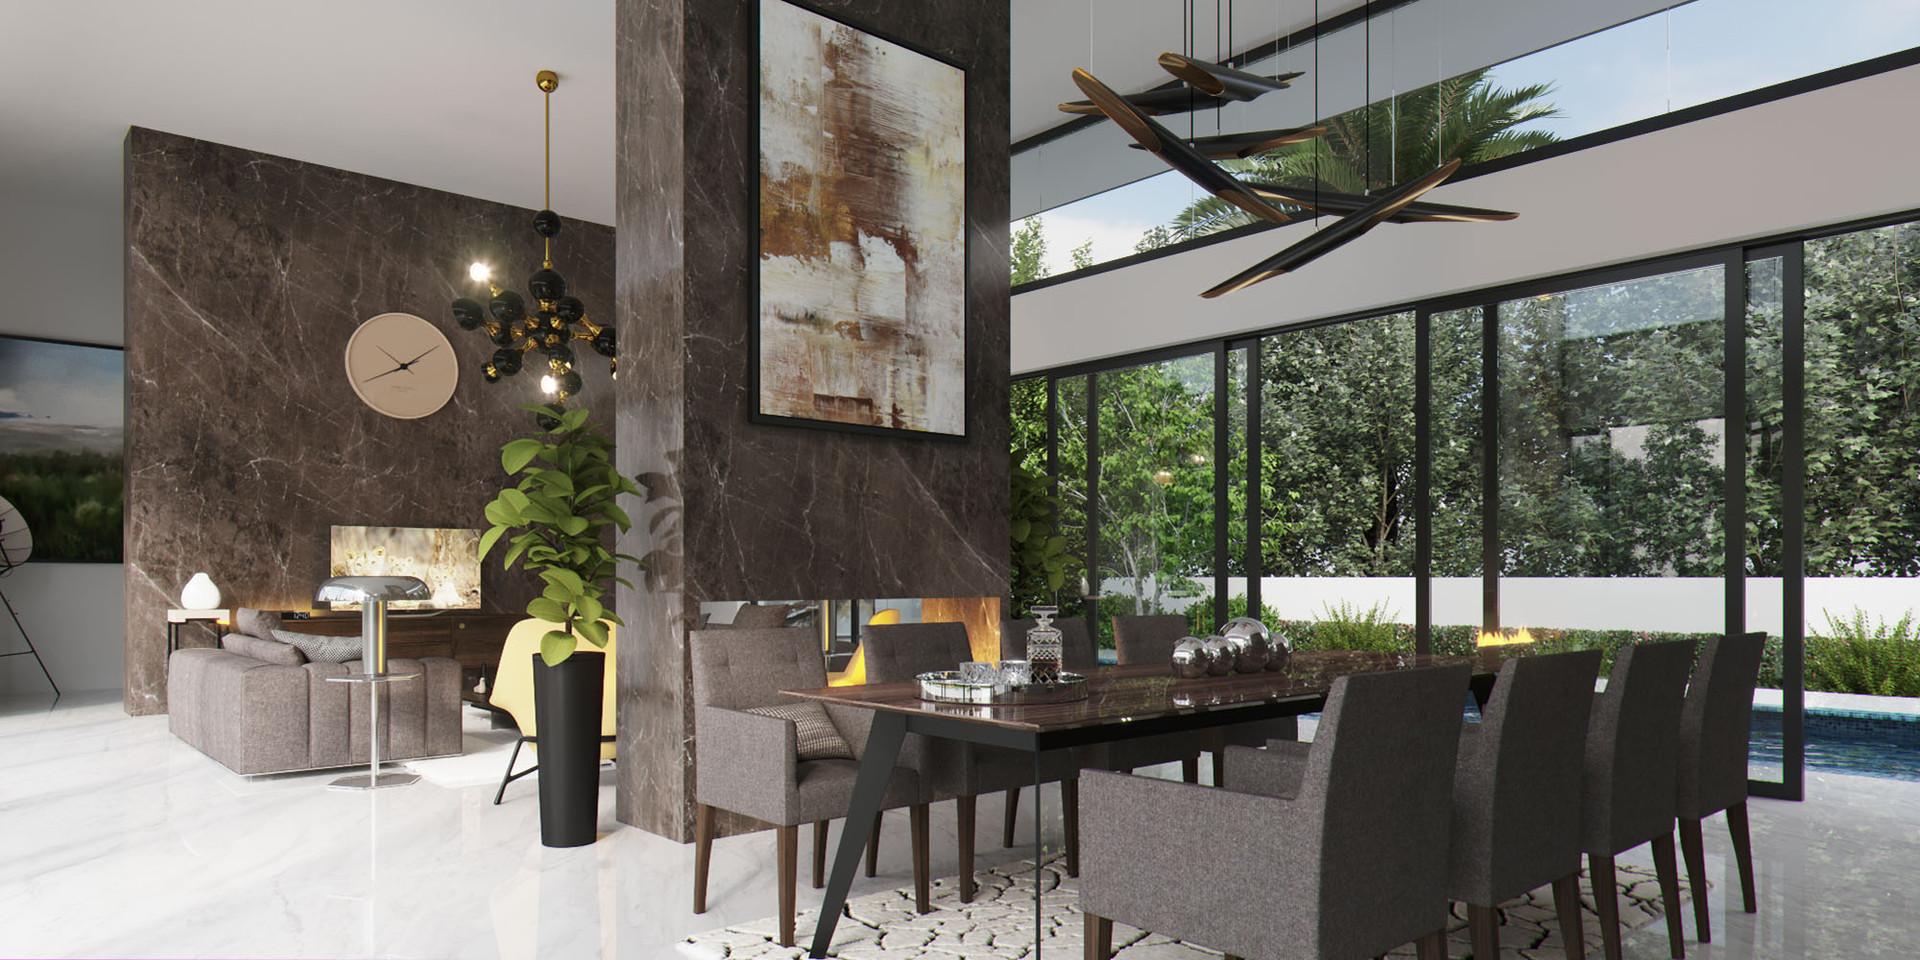 3D_renders_interiors_house02_2.jpg